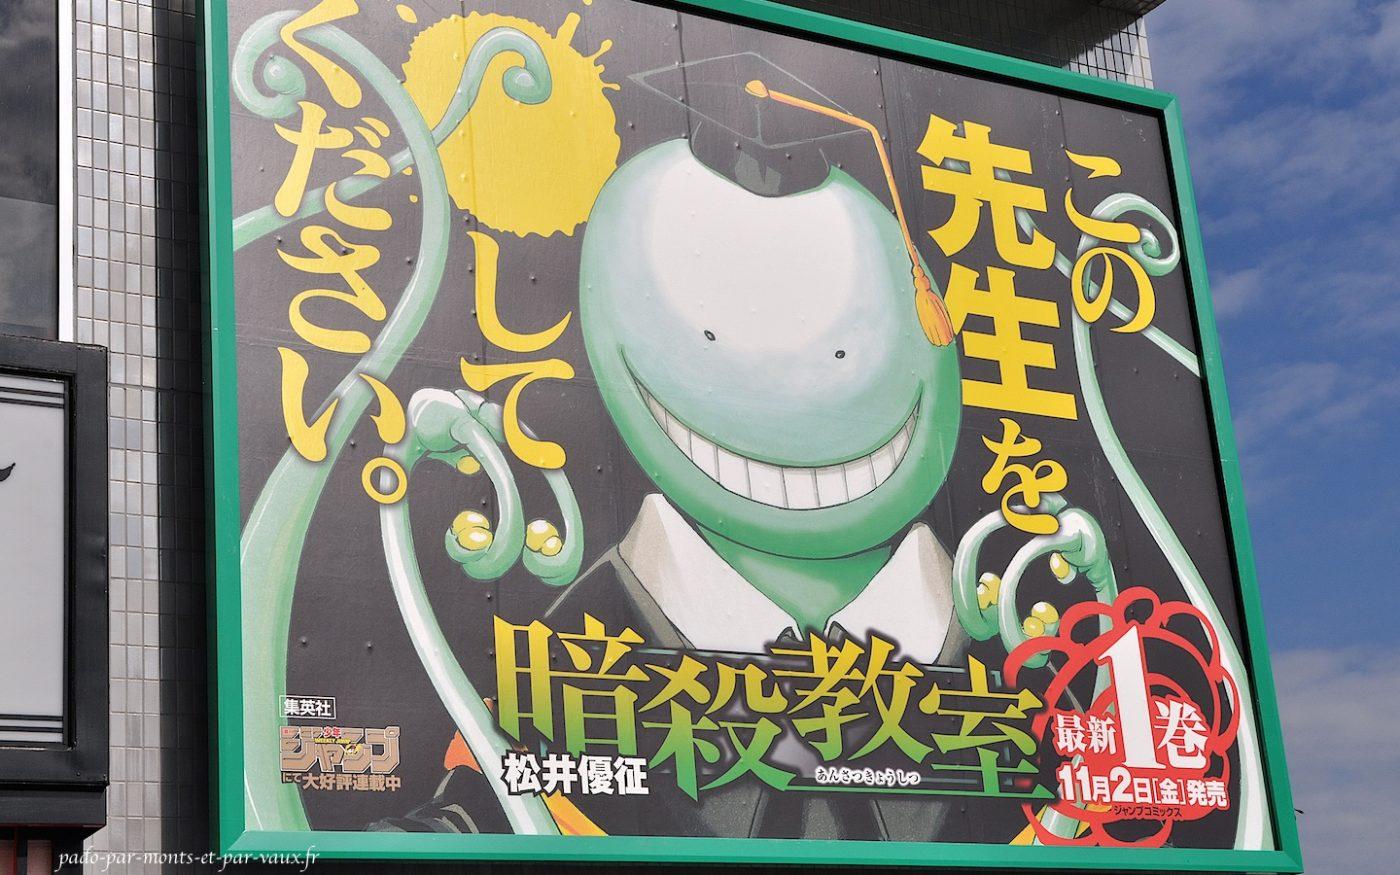 Asakusa panneau publicitaire